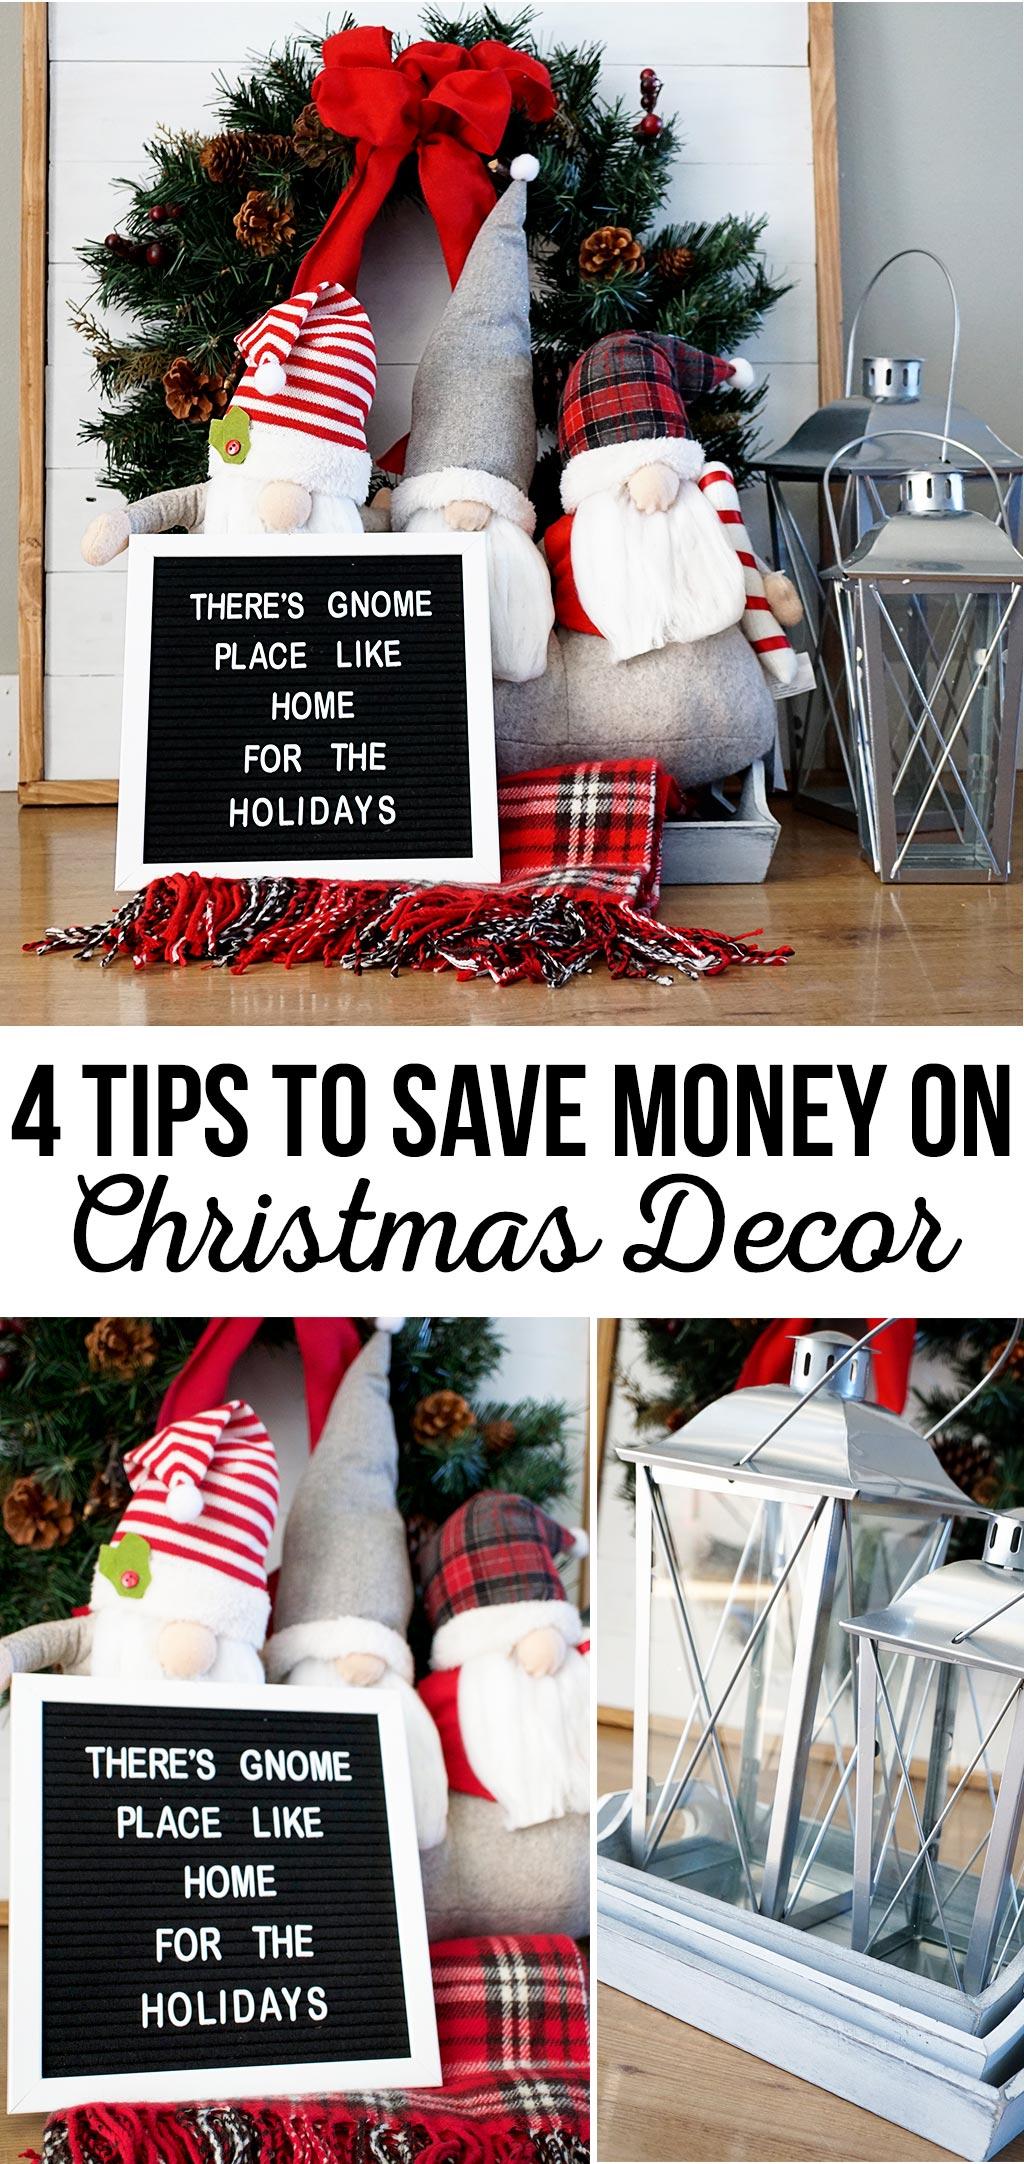 4 Tips to Save Money on Christmas Decor